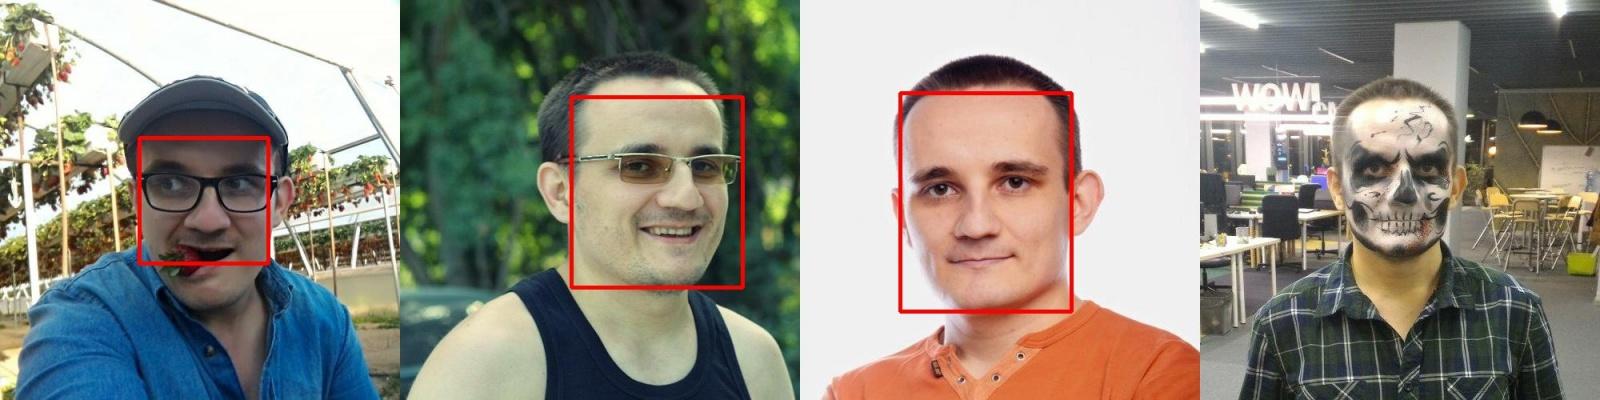 Компьютерное зрение и машинное обучение в PHP используя библиотеку opencv - 10